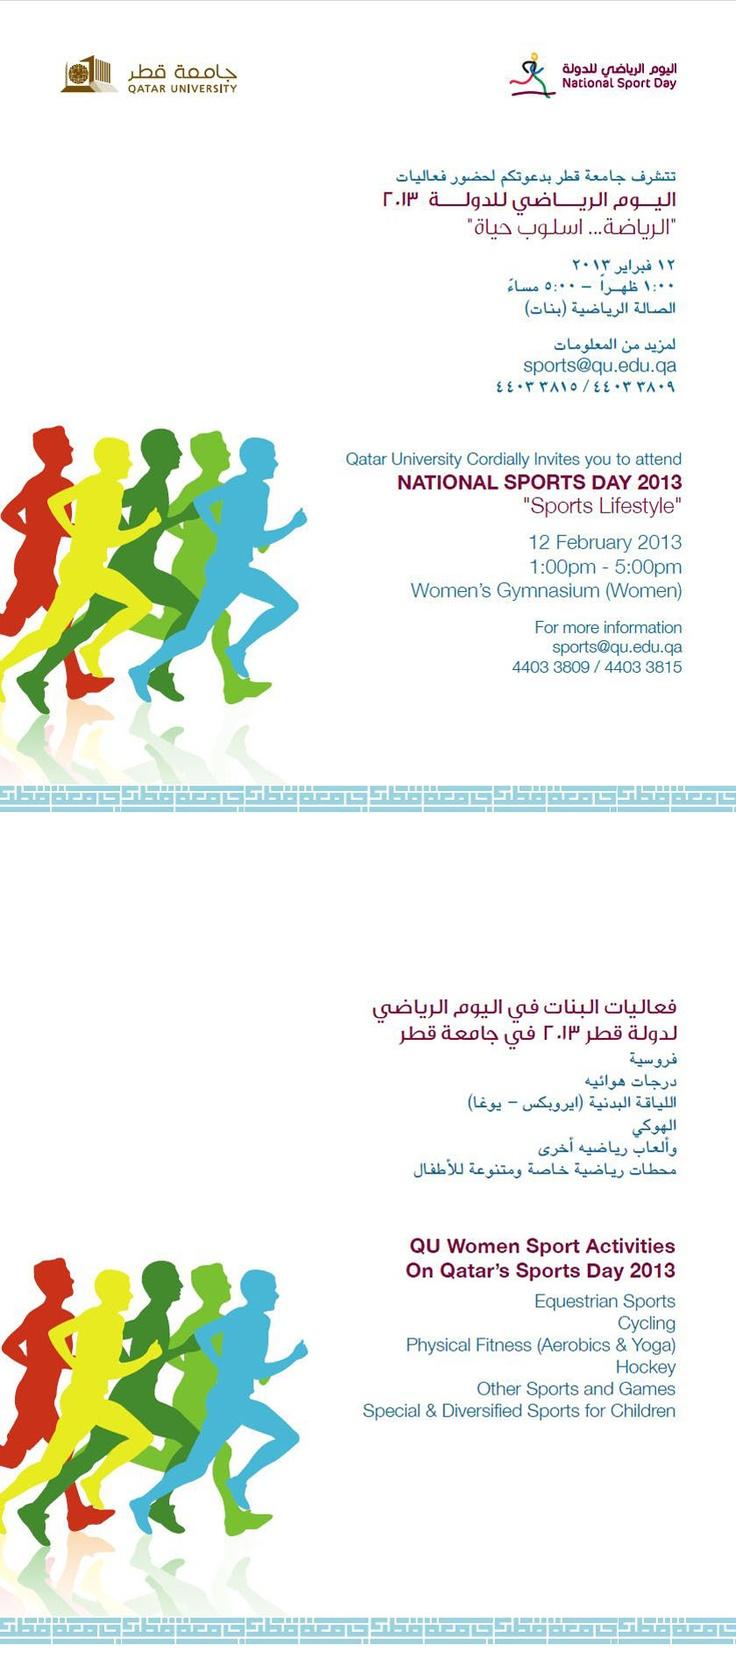 فعاليات البنات في اليوم الرياضي لدولة قطر ٢٠١٣ في جامعة قطر QU Women Sport Activities on Qatar's Sports Day 2013